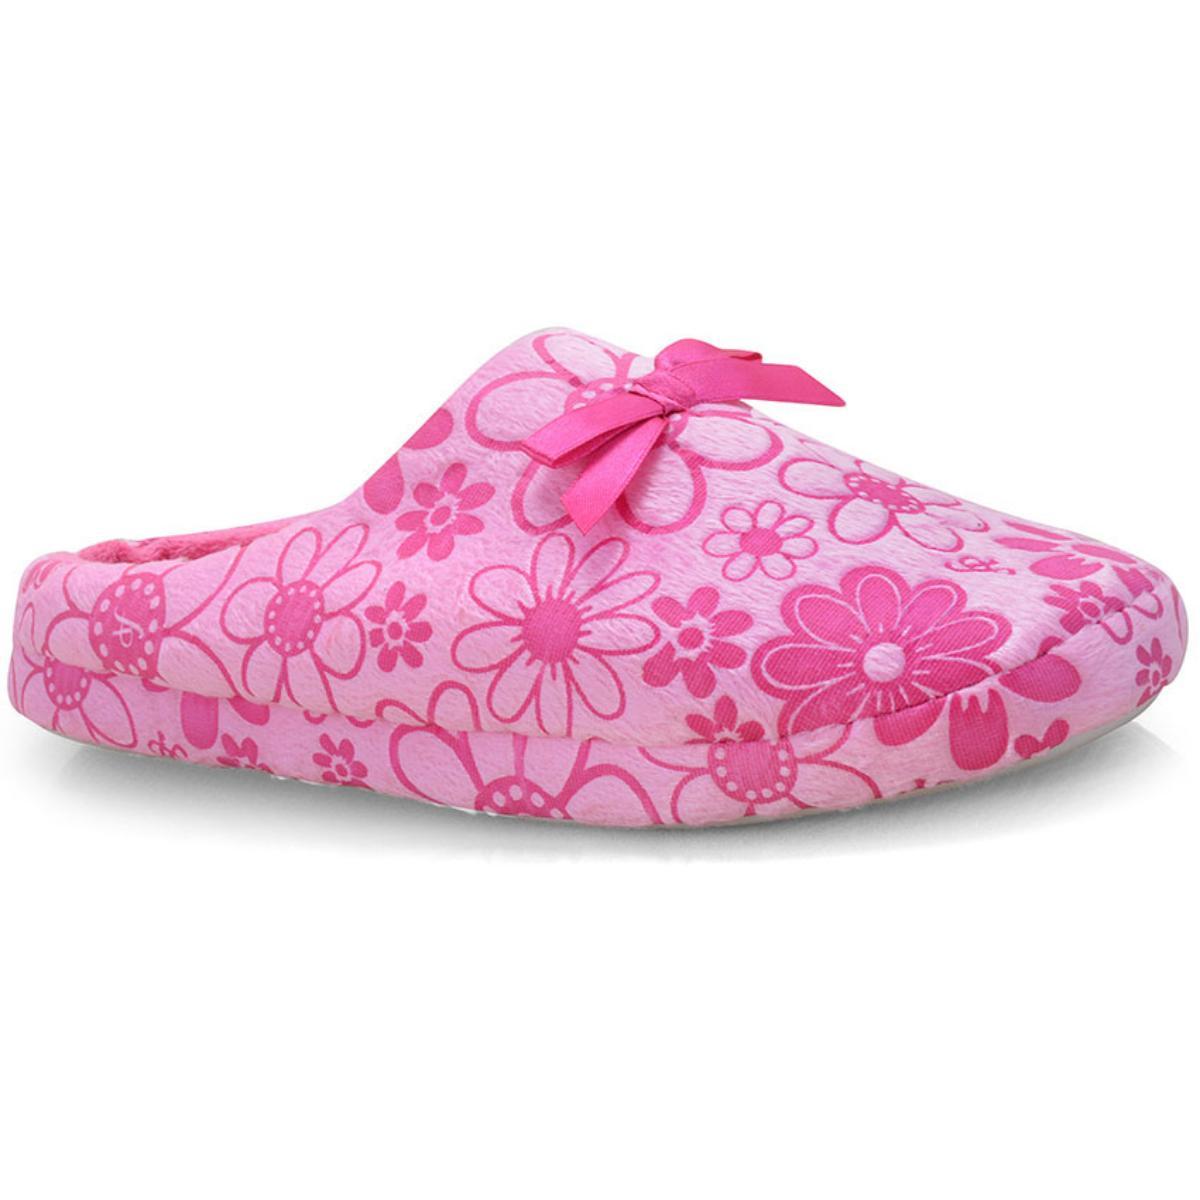 Chinelo Feminino Gasf 6137 Rosa